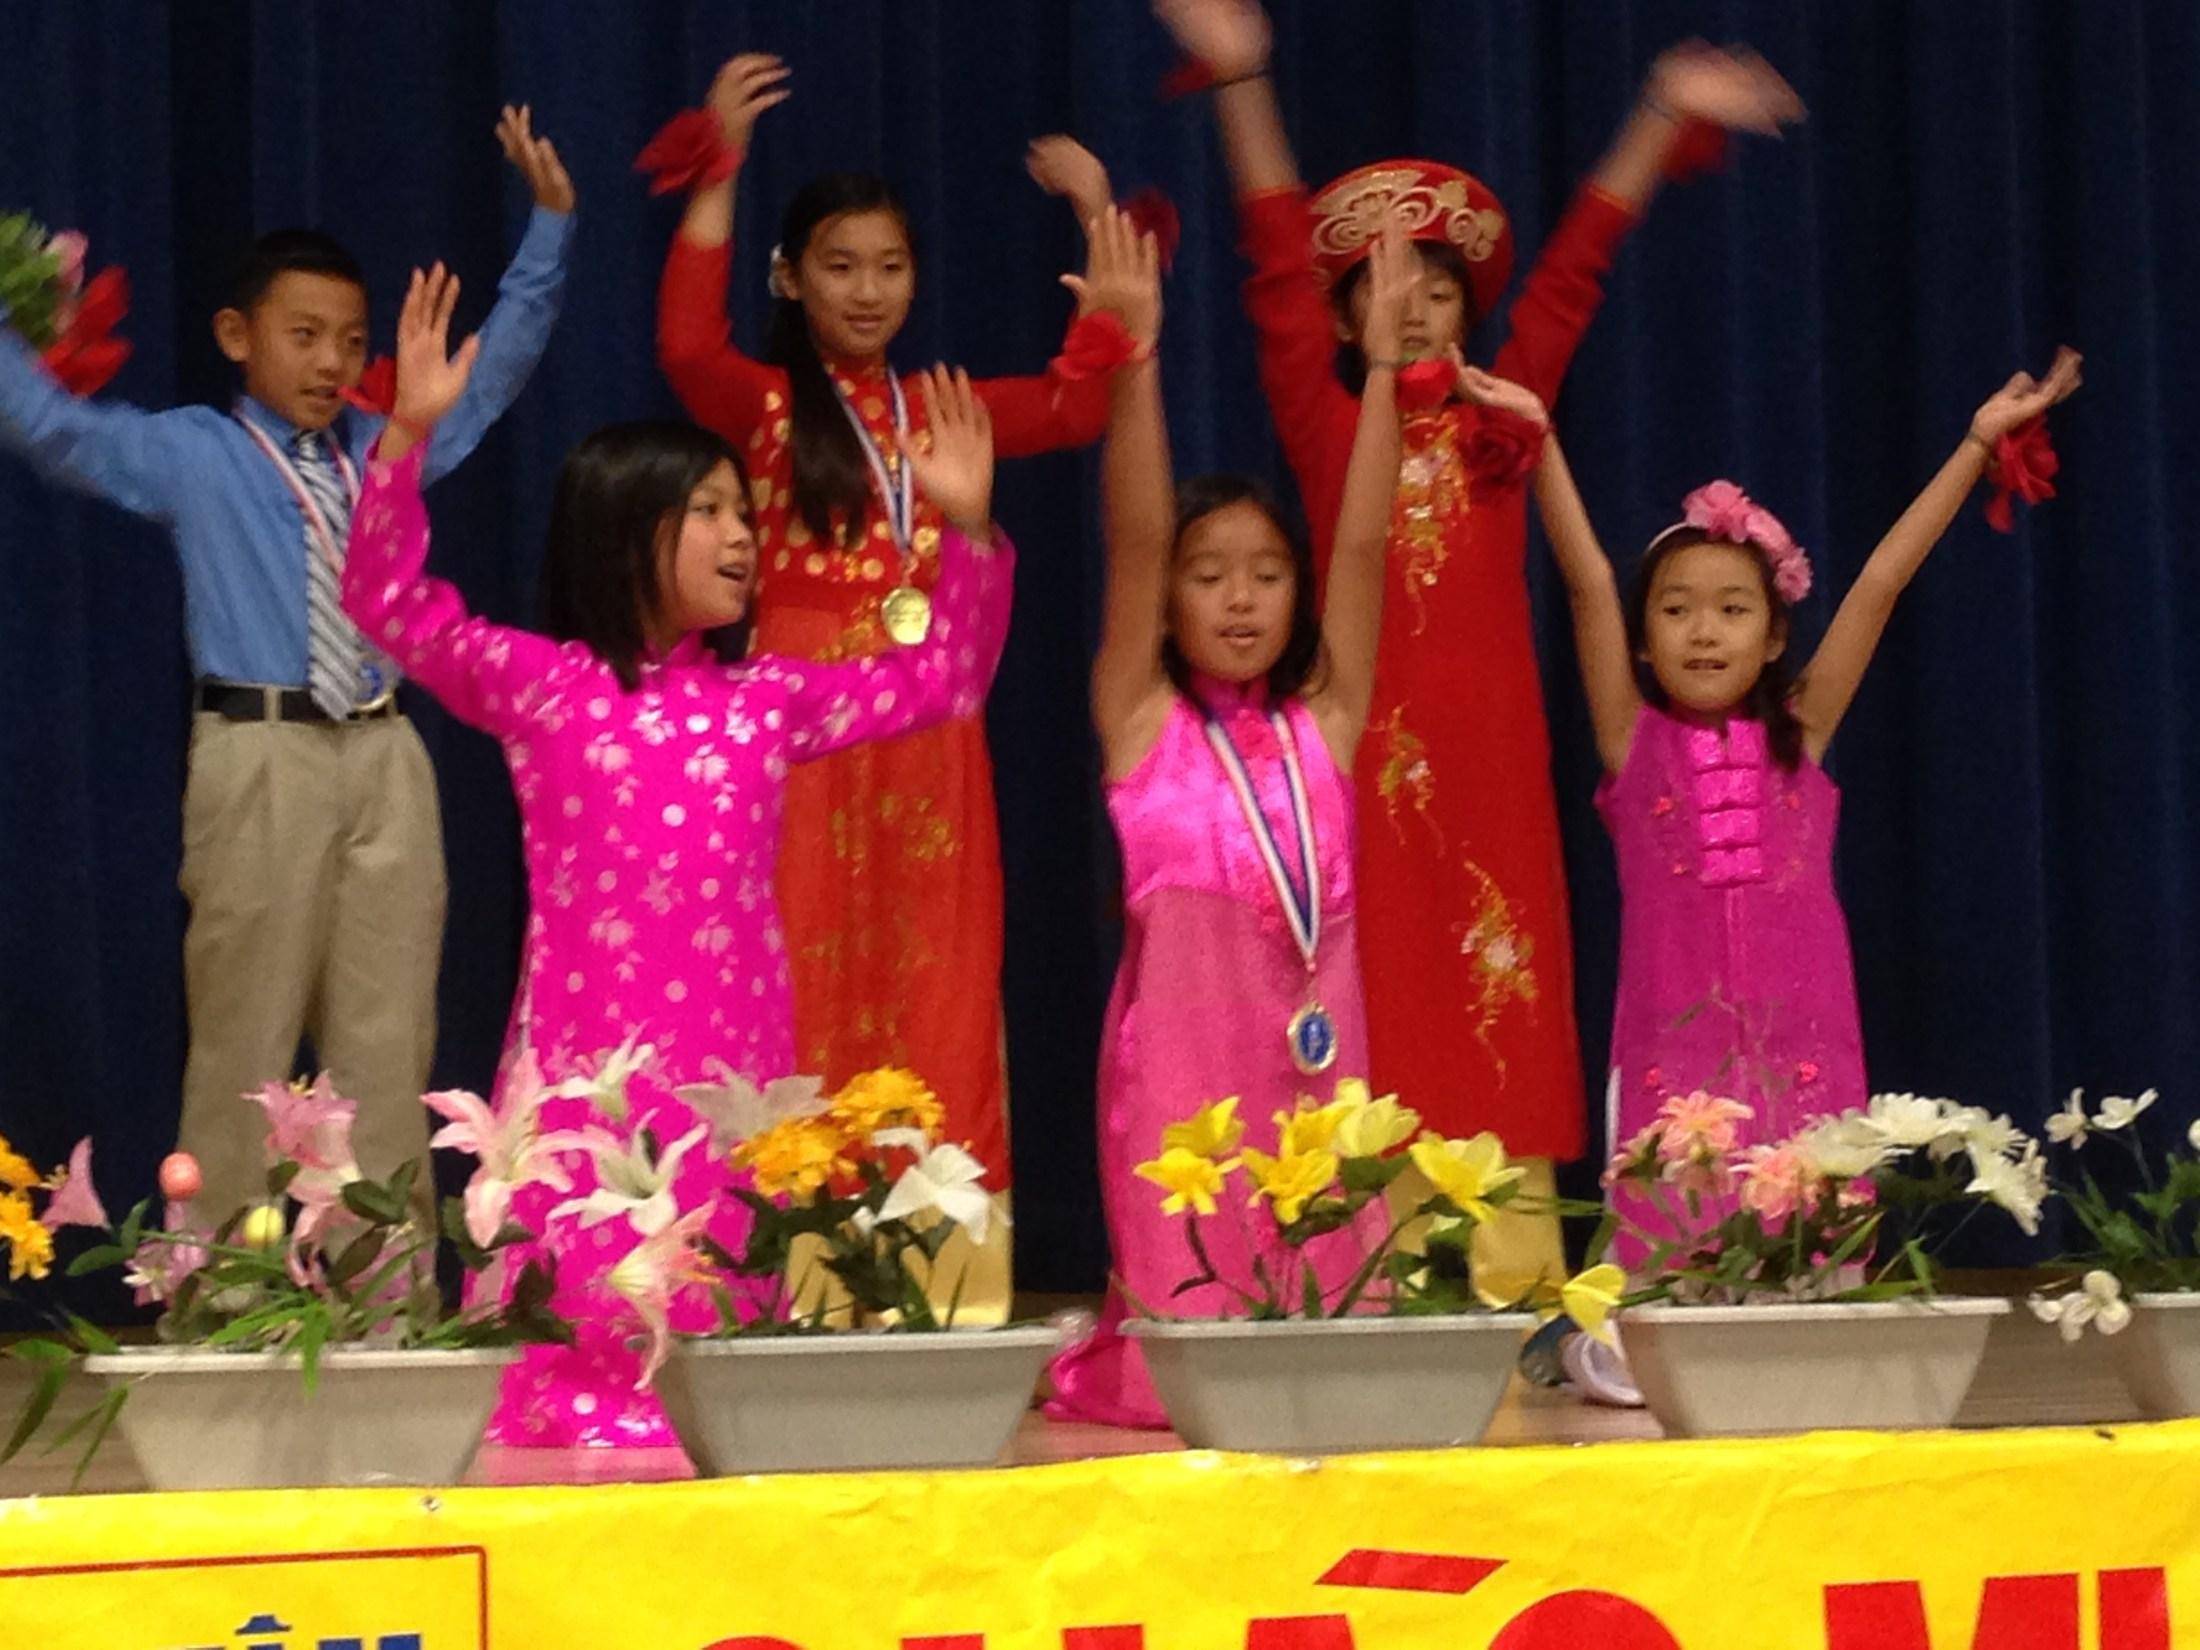 Westminster Vietnamese Language School at Warner Middle School